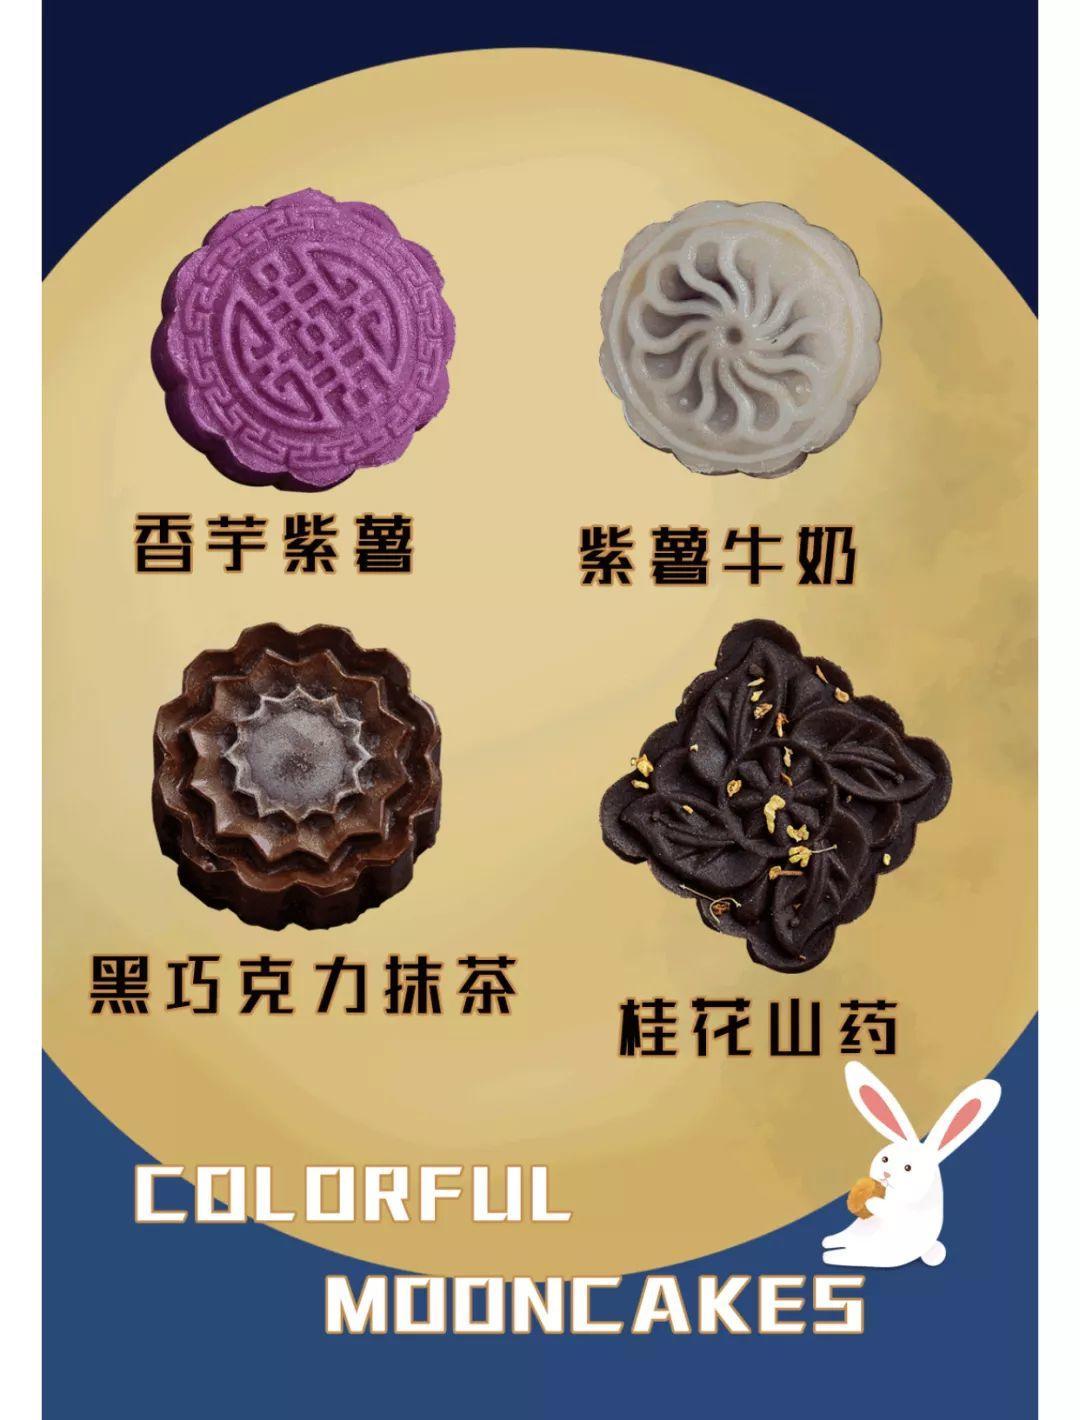 游子|一起来做月饼呀  深圳国际交流学院 第2张